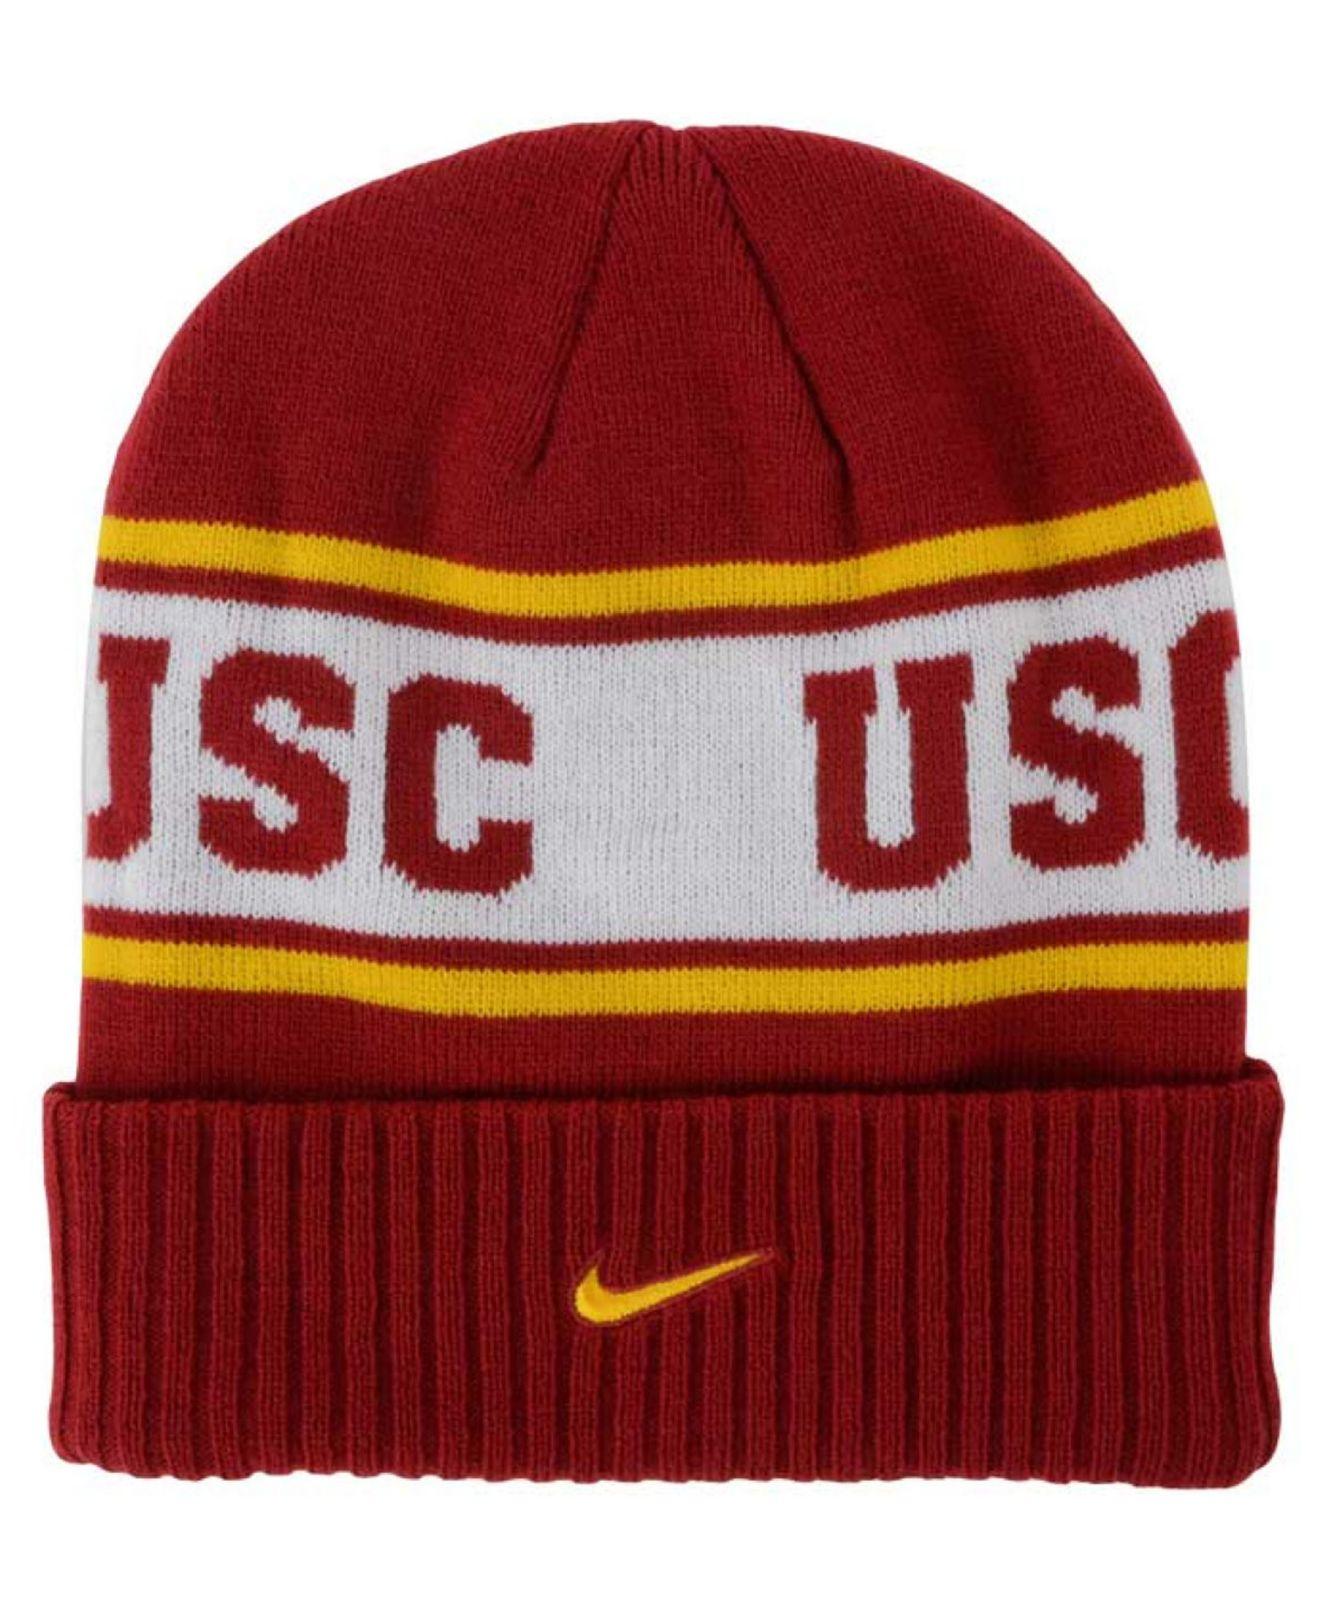 best loved 847e6 d5af6 ... new zealand lyst nike usc trojans sideline knit hat in red for men  cca83 59099 ...